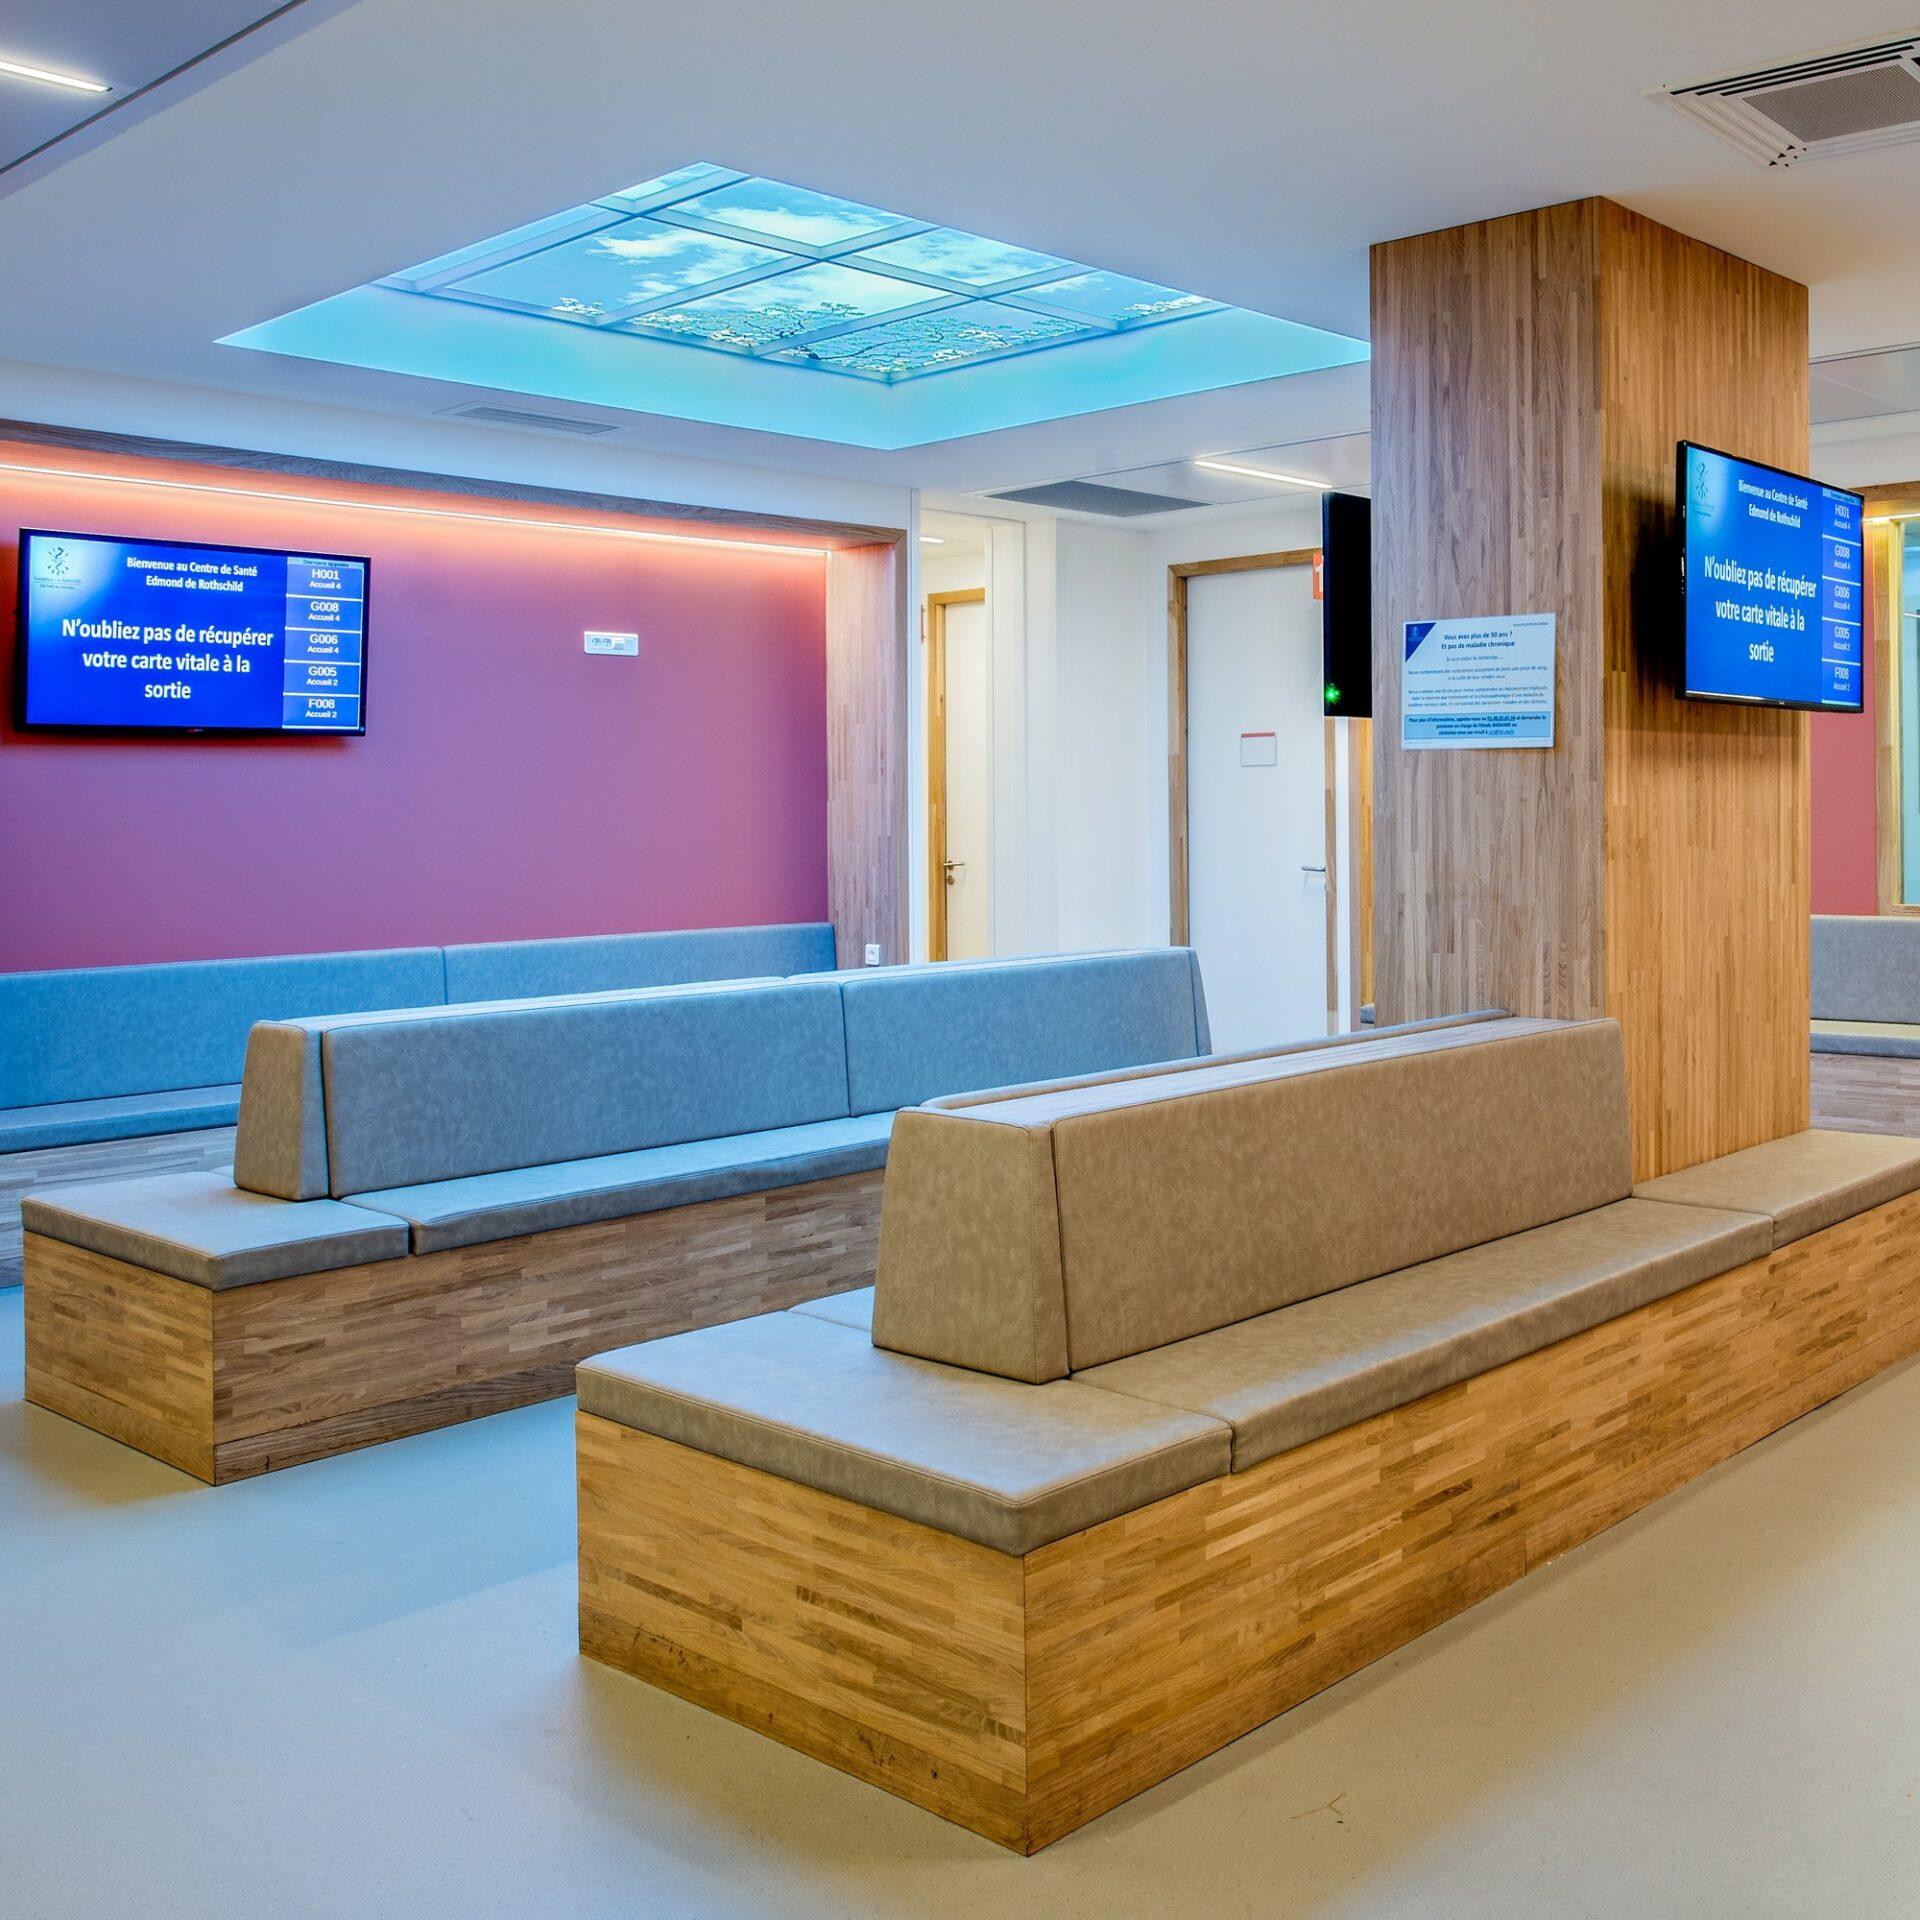 Plafond dans la salle d'attente - Fondation Rothschild